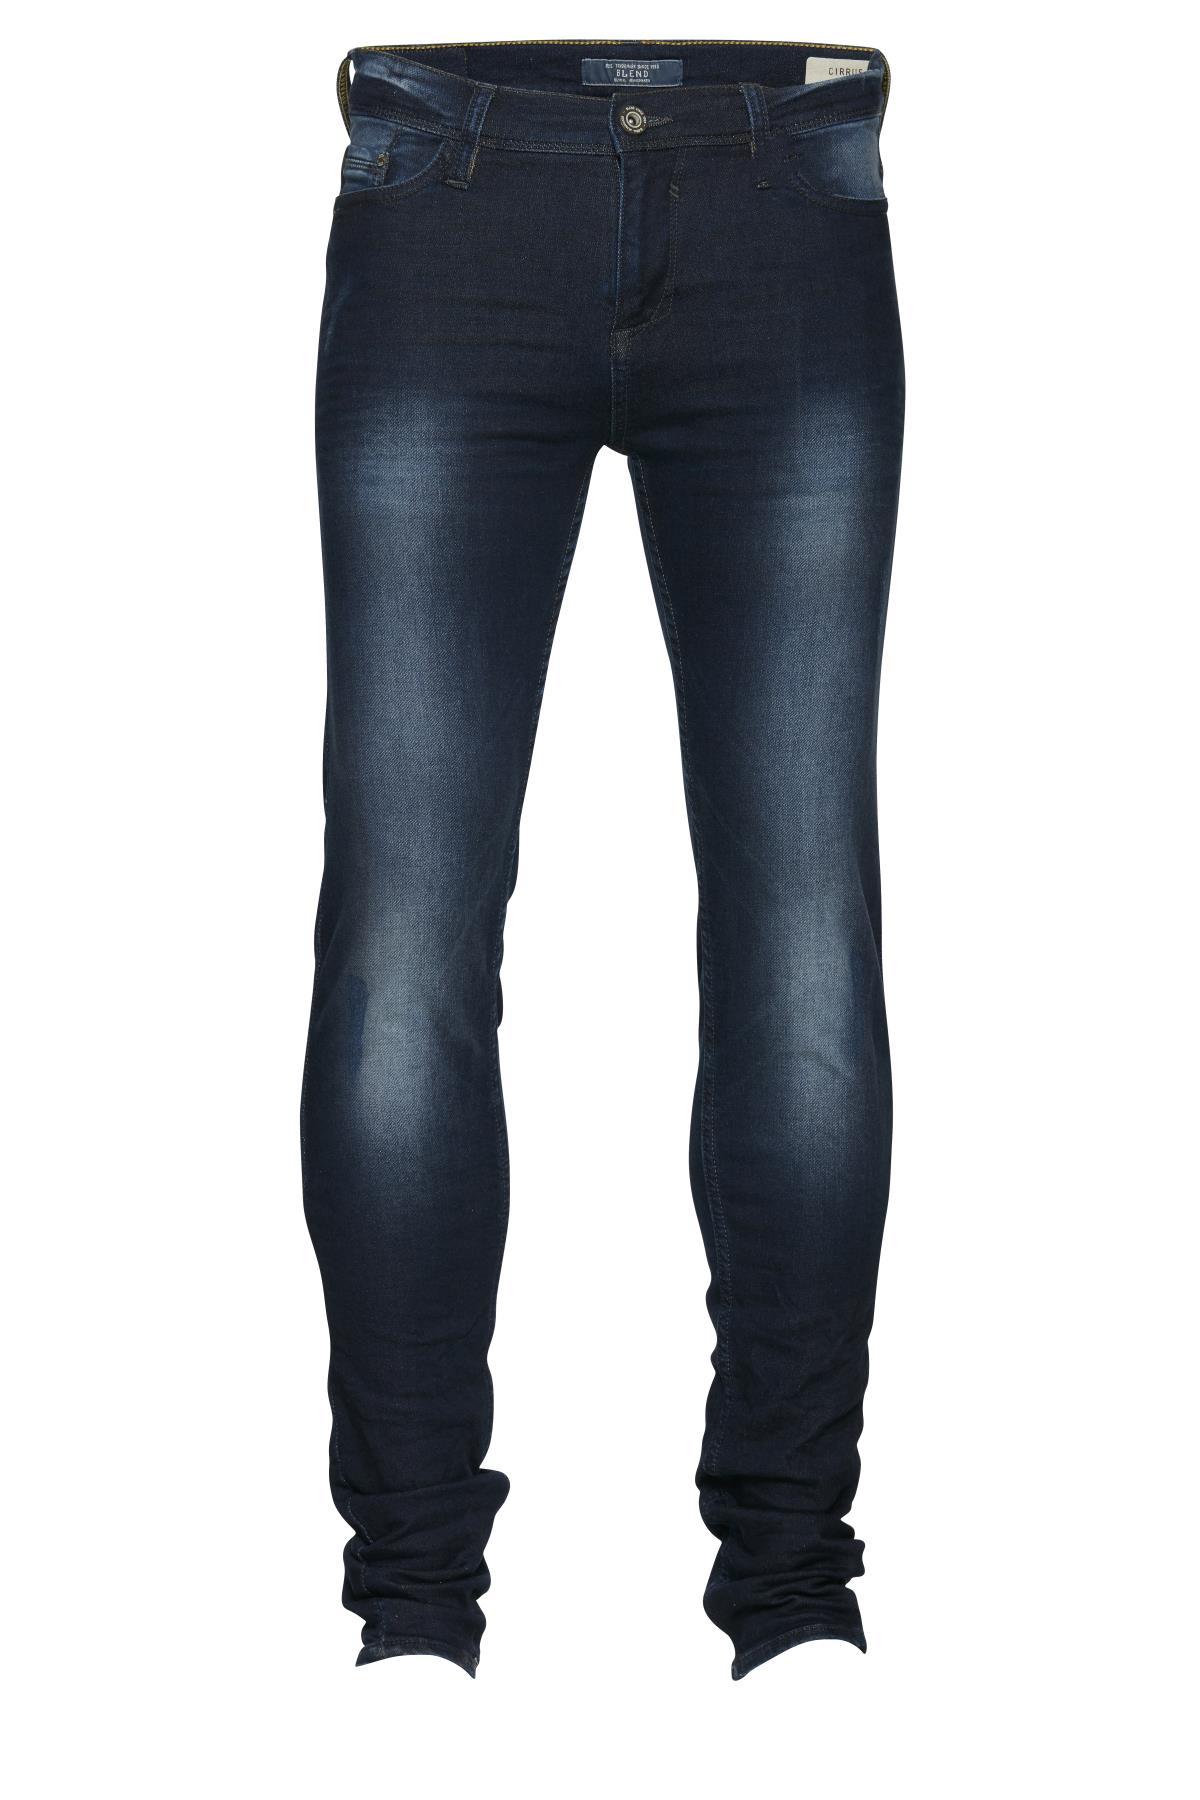 Denim darkblue Cirrus jeans fra Blend He – Køb Denim darkblue Cirrus jeans fra str. 25-40 her